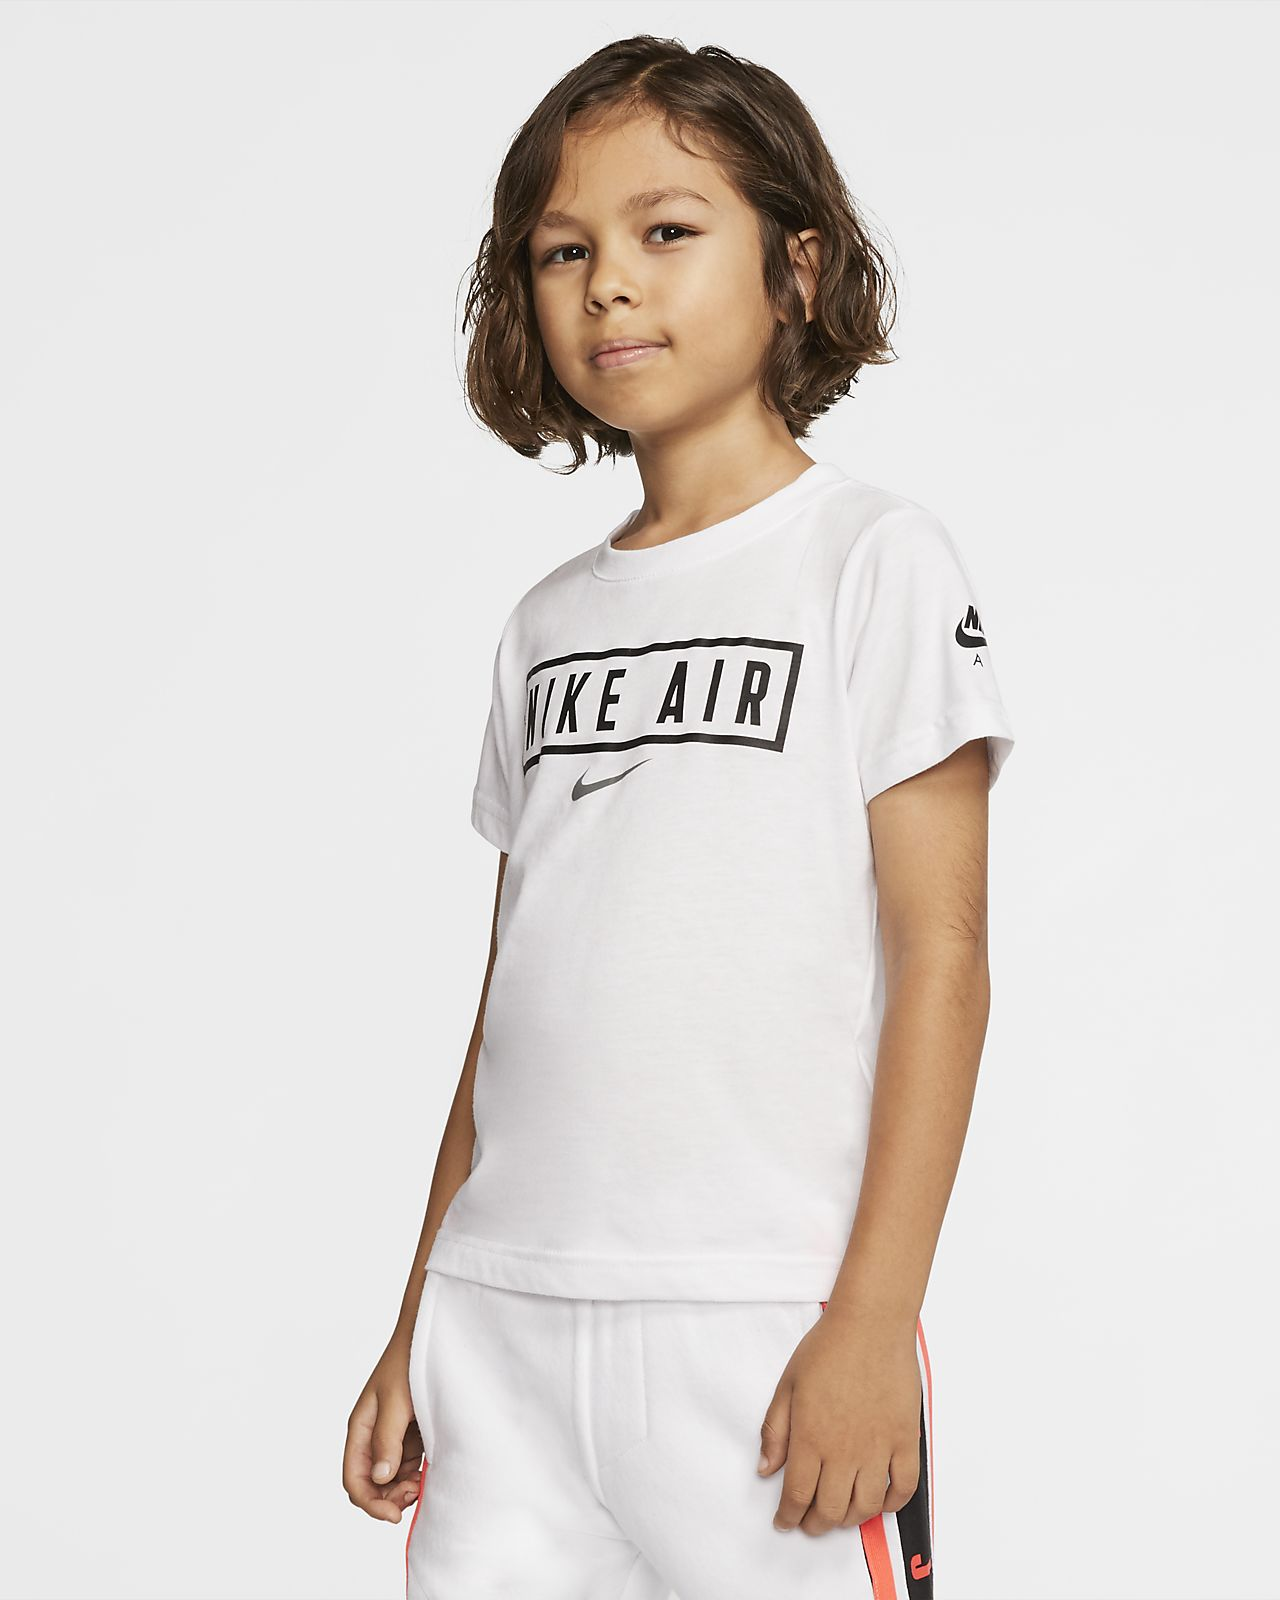 Κοντομάνικο T-Shirt Nike Air για μικρά παιδιά